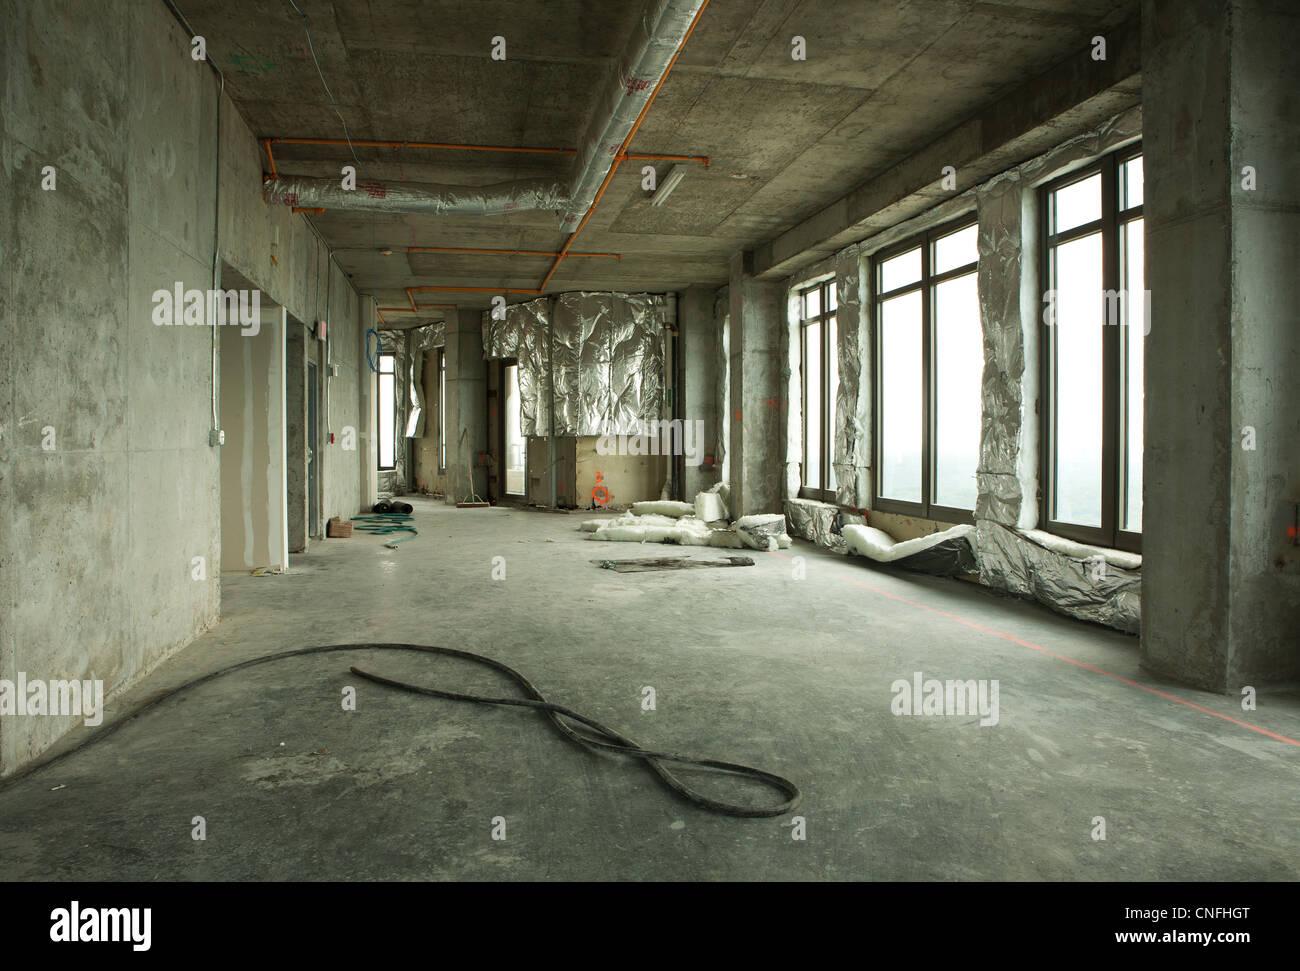 High Rise Apartment Inside high rise apartment interior stock photos & high rise apartment